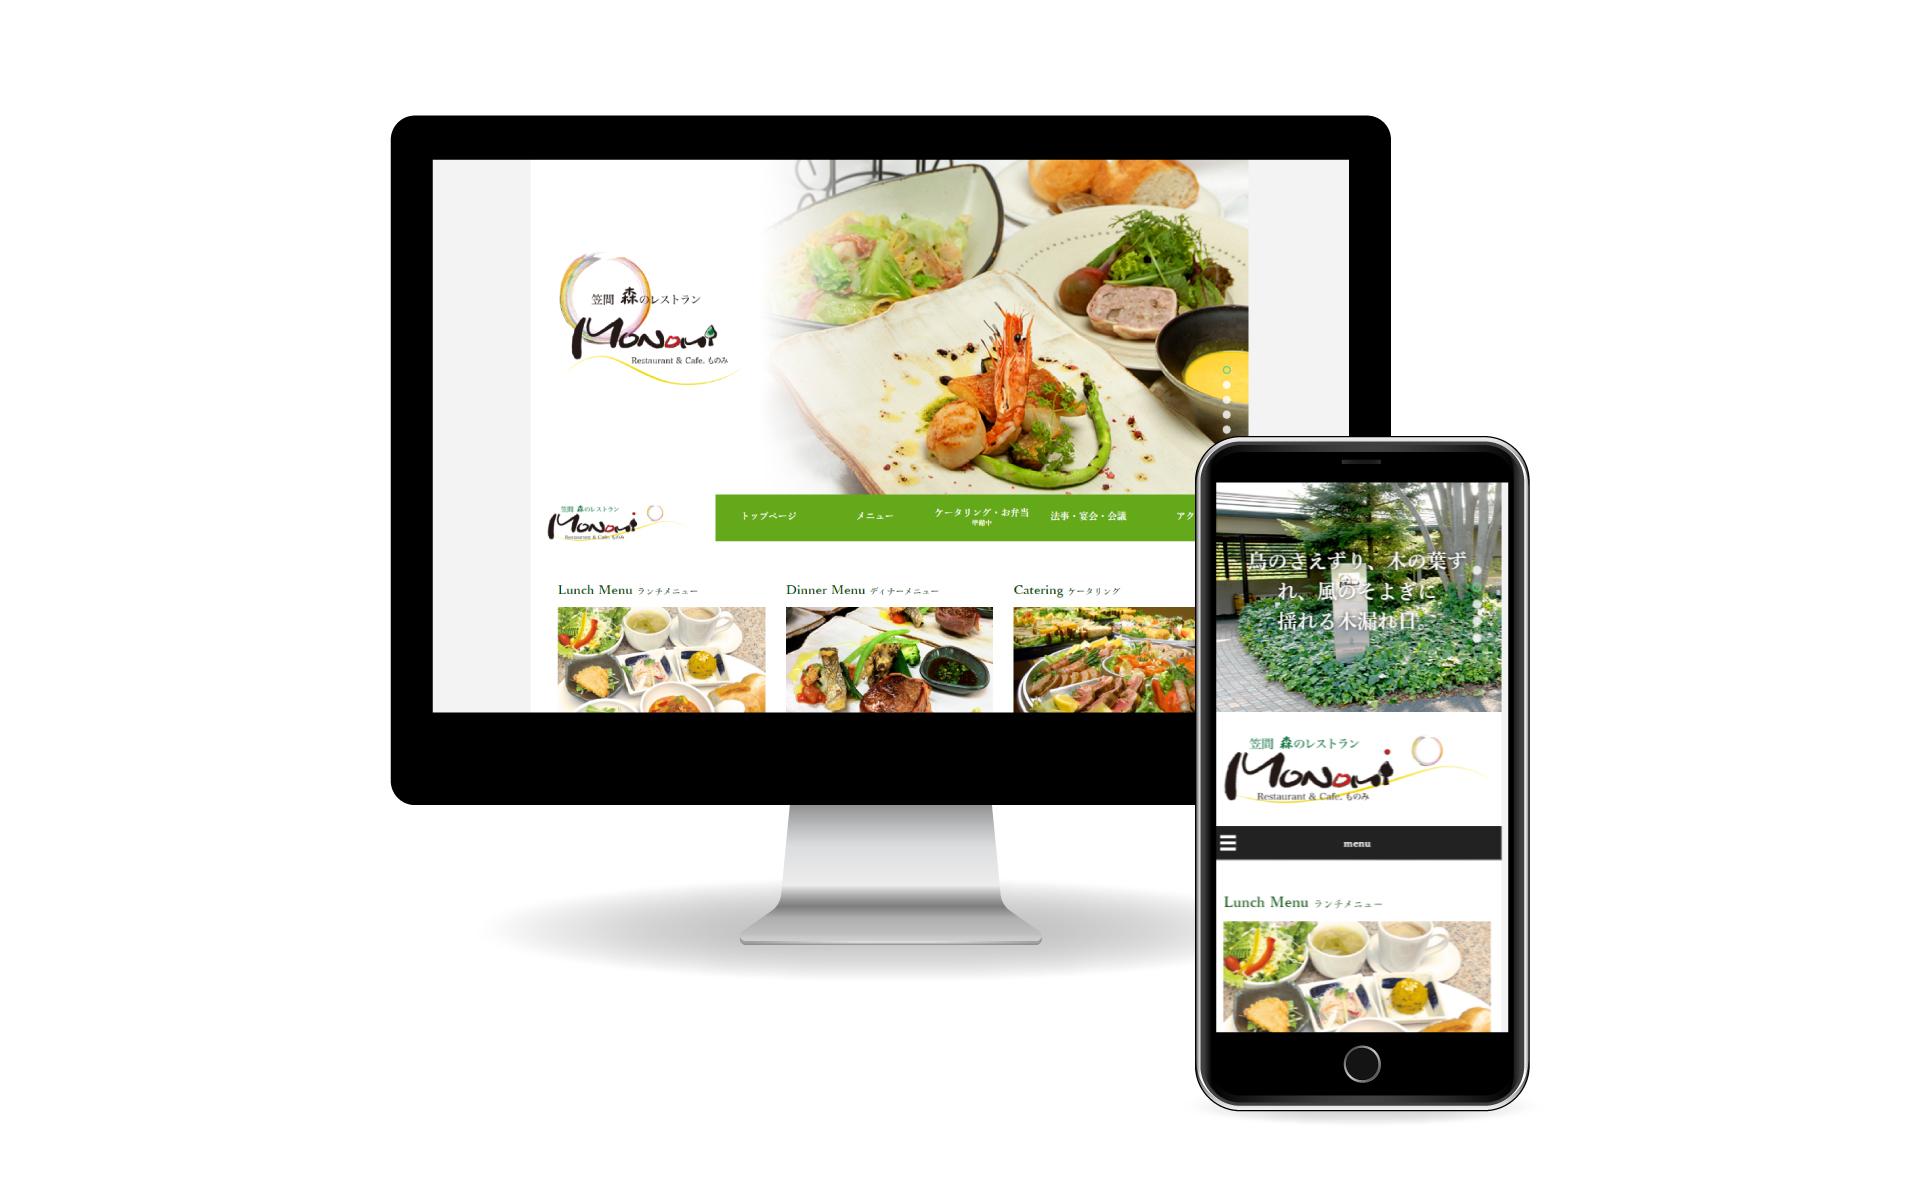 「笠間 森のレストラン Monomi(ものみ)」様のホームページを実績紹介に追加しました